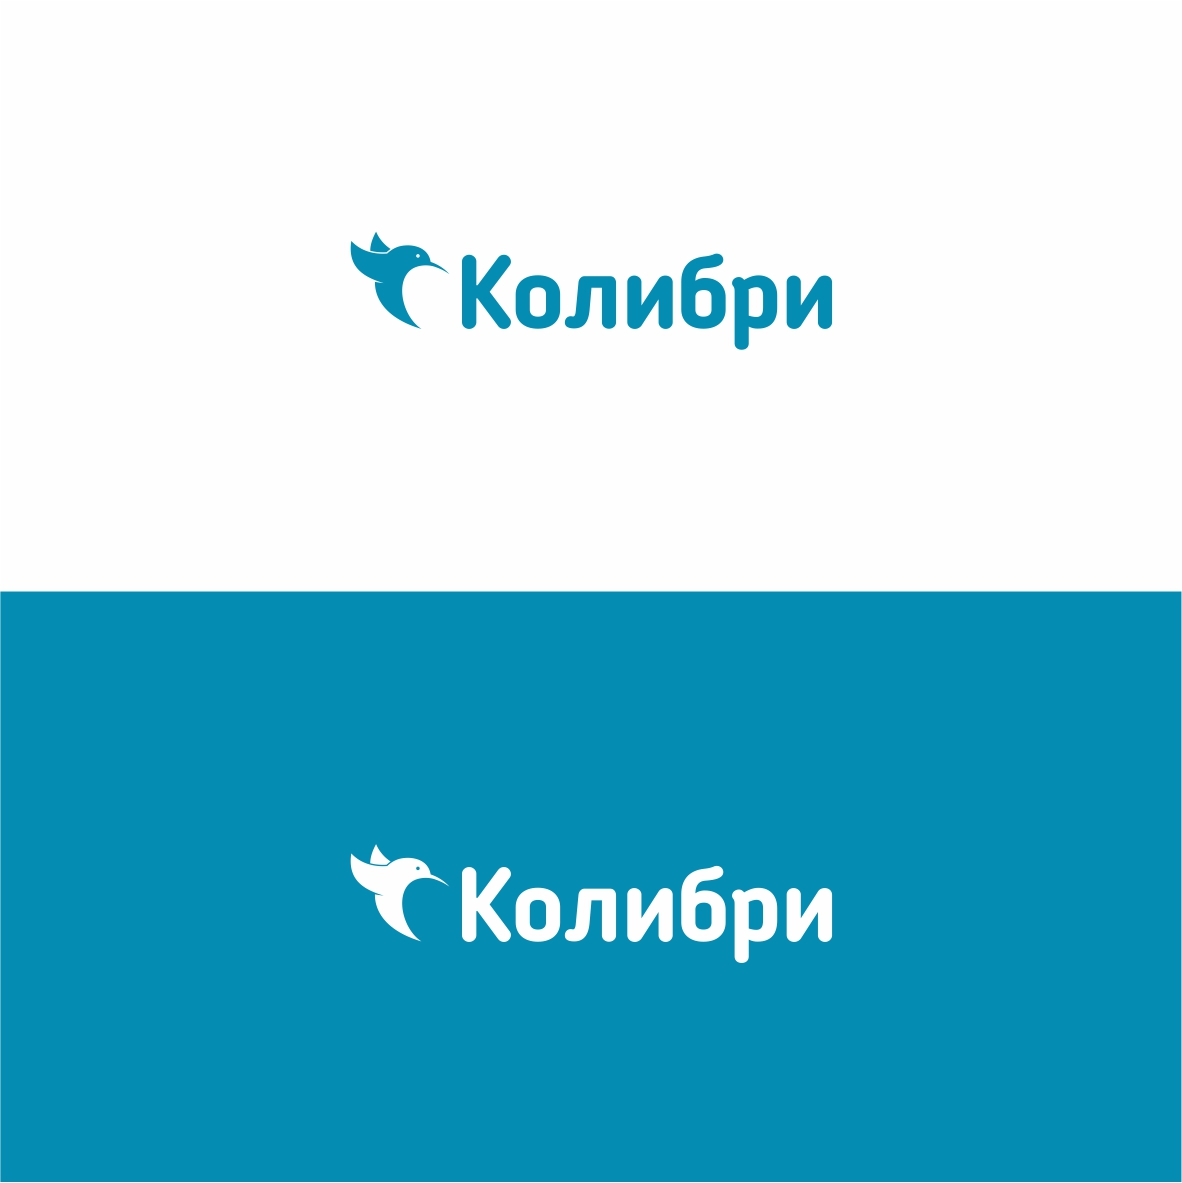 Дизайнер, разработка логотипа компании фото f_910557f2197dafbb.jpg